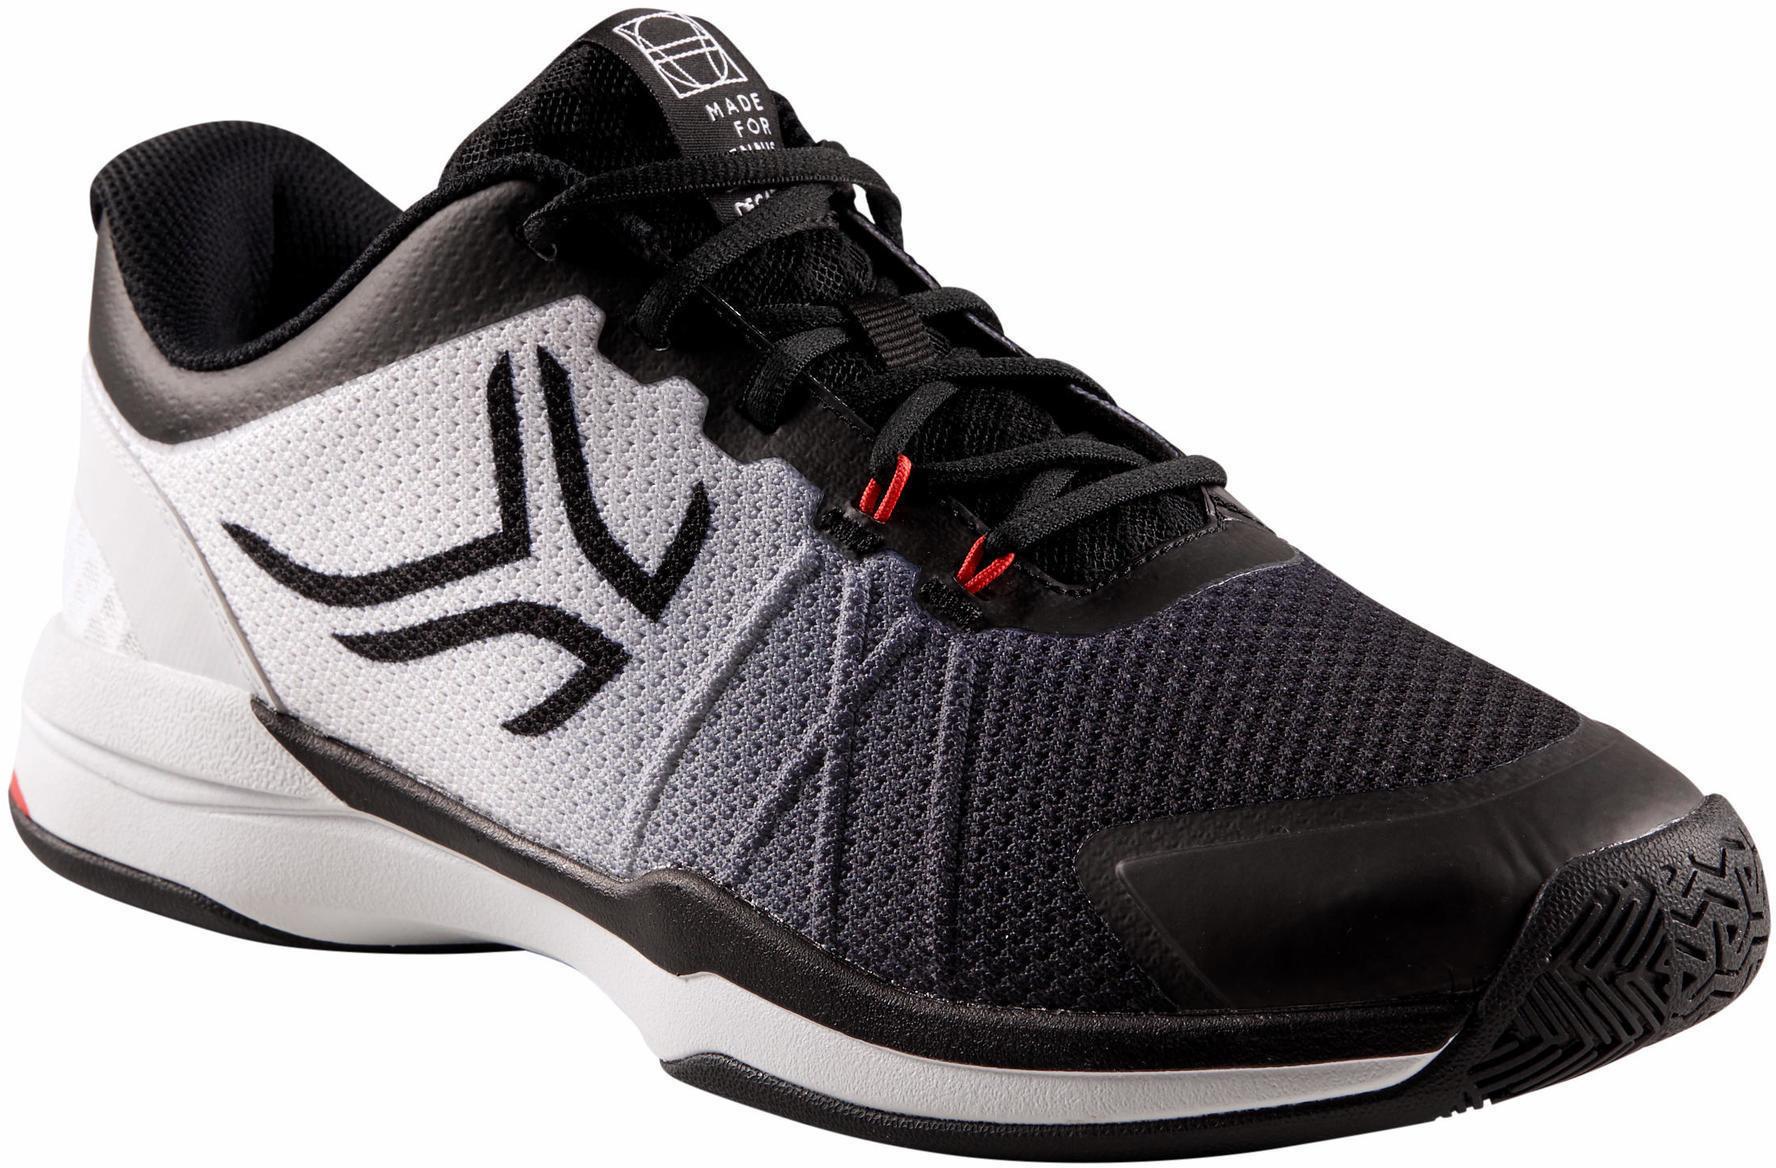 ARTENGO Buty tenisowe TS590 męskie na twardą nawierzchnię male